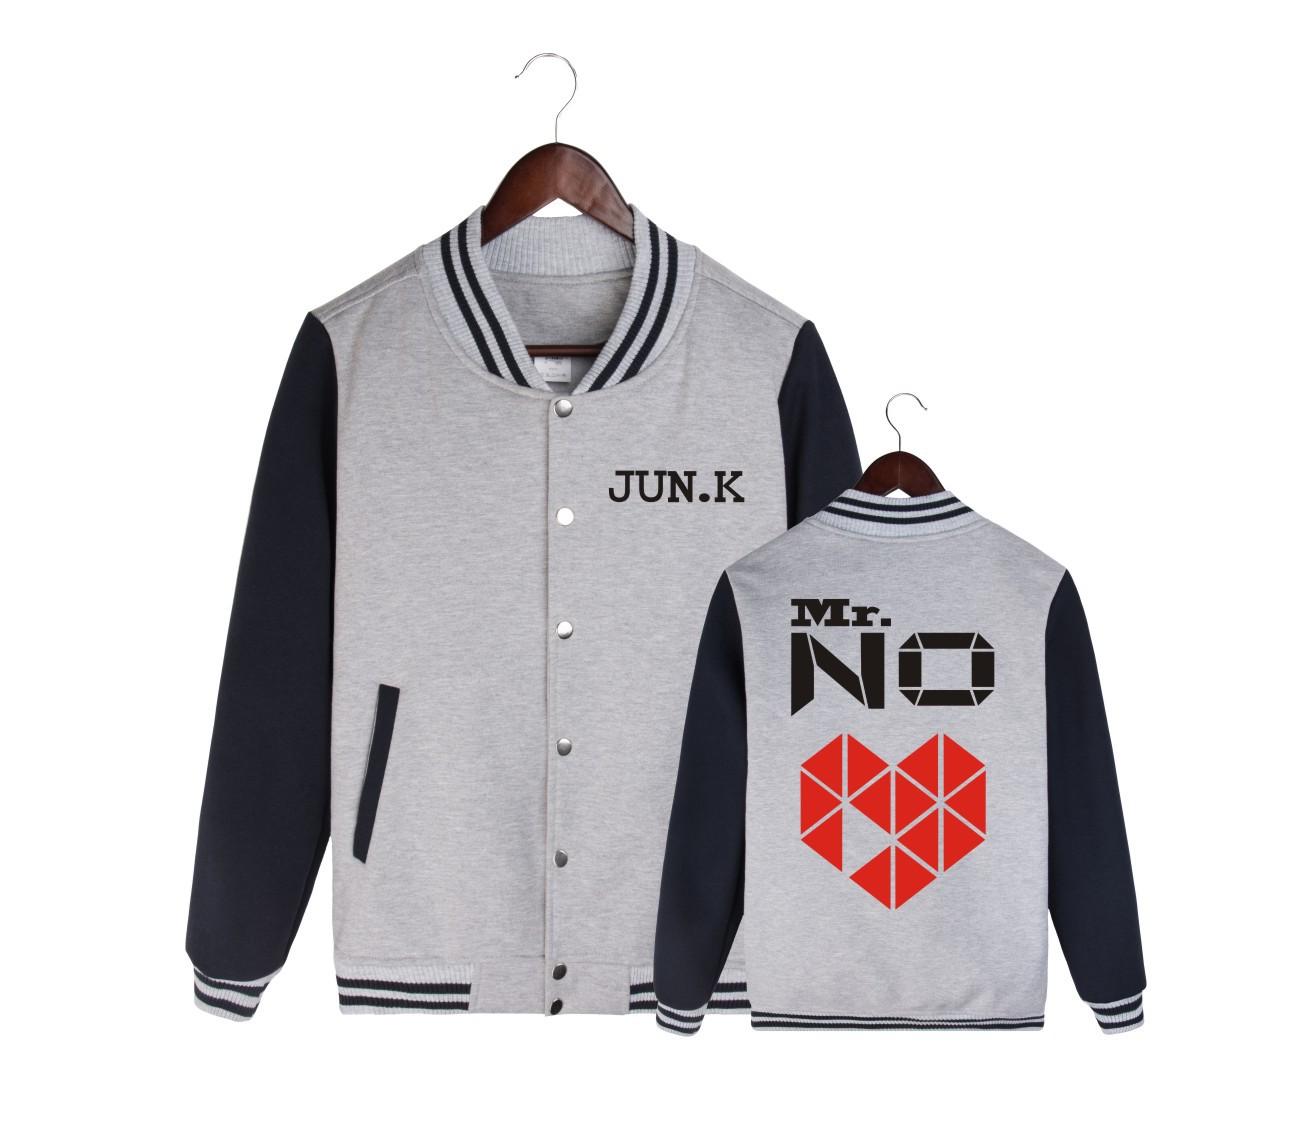 2PM金峻秀JUN.KSOLO周边Mr.NO演唱会衣服同款男女棒球卫衣专辑服